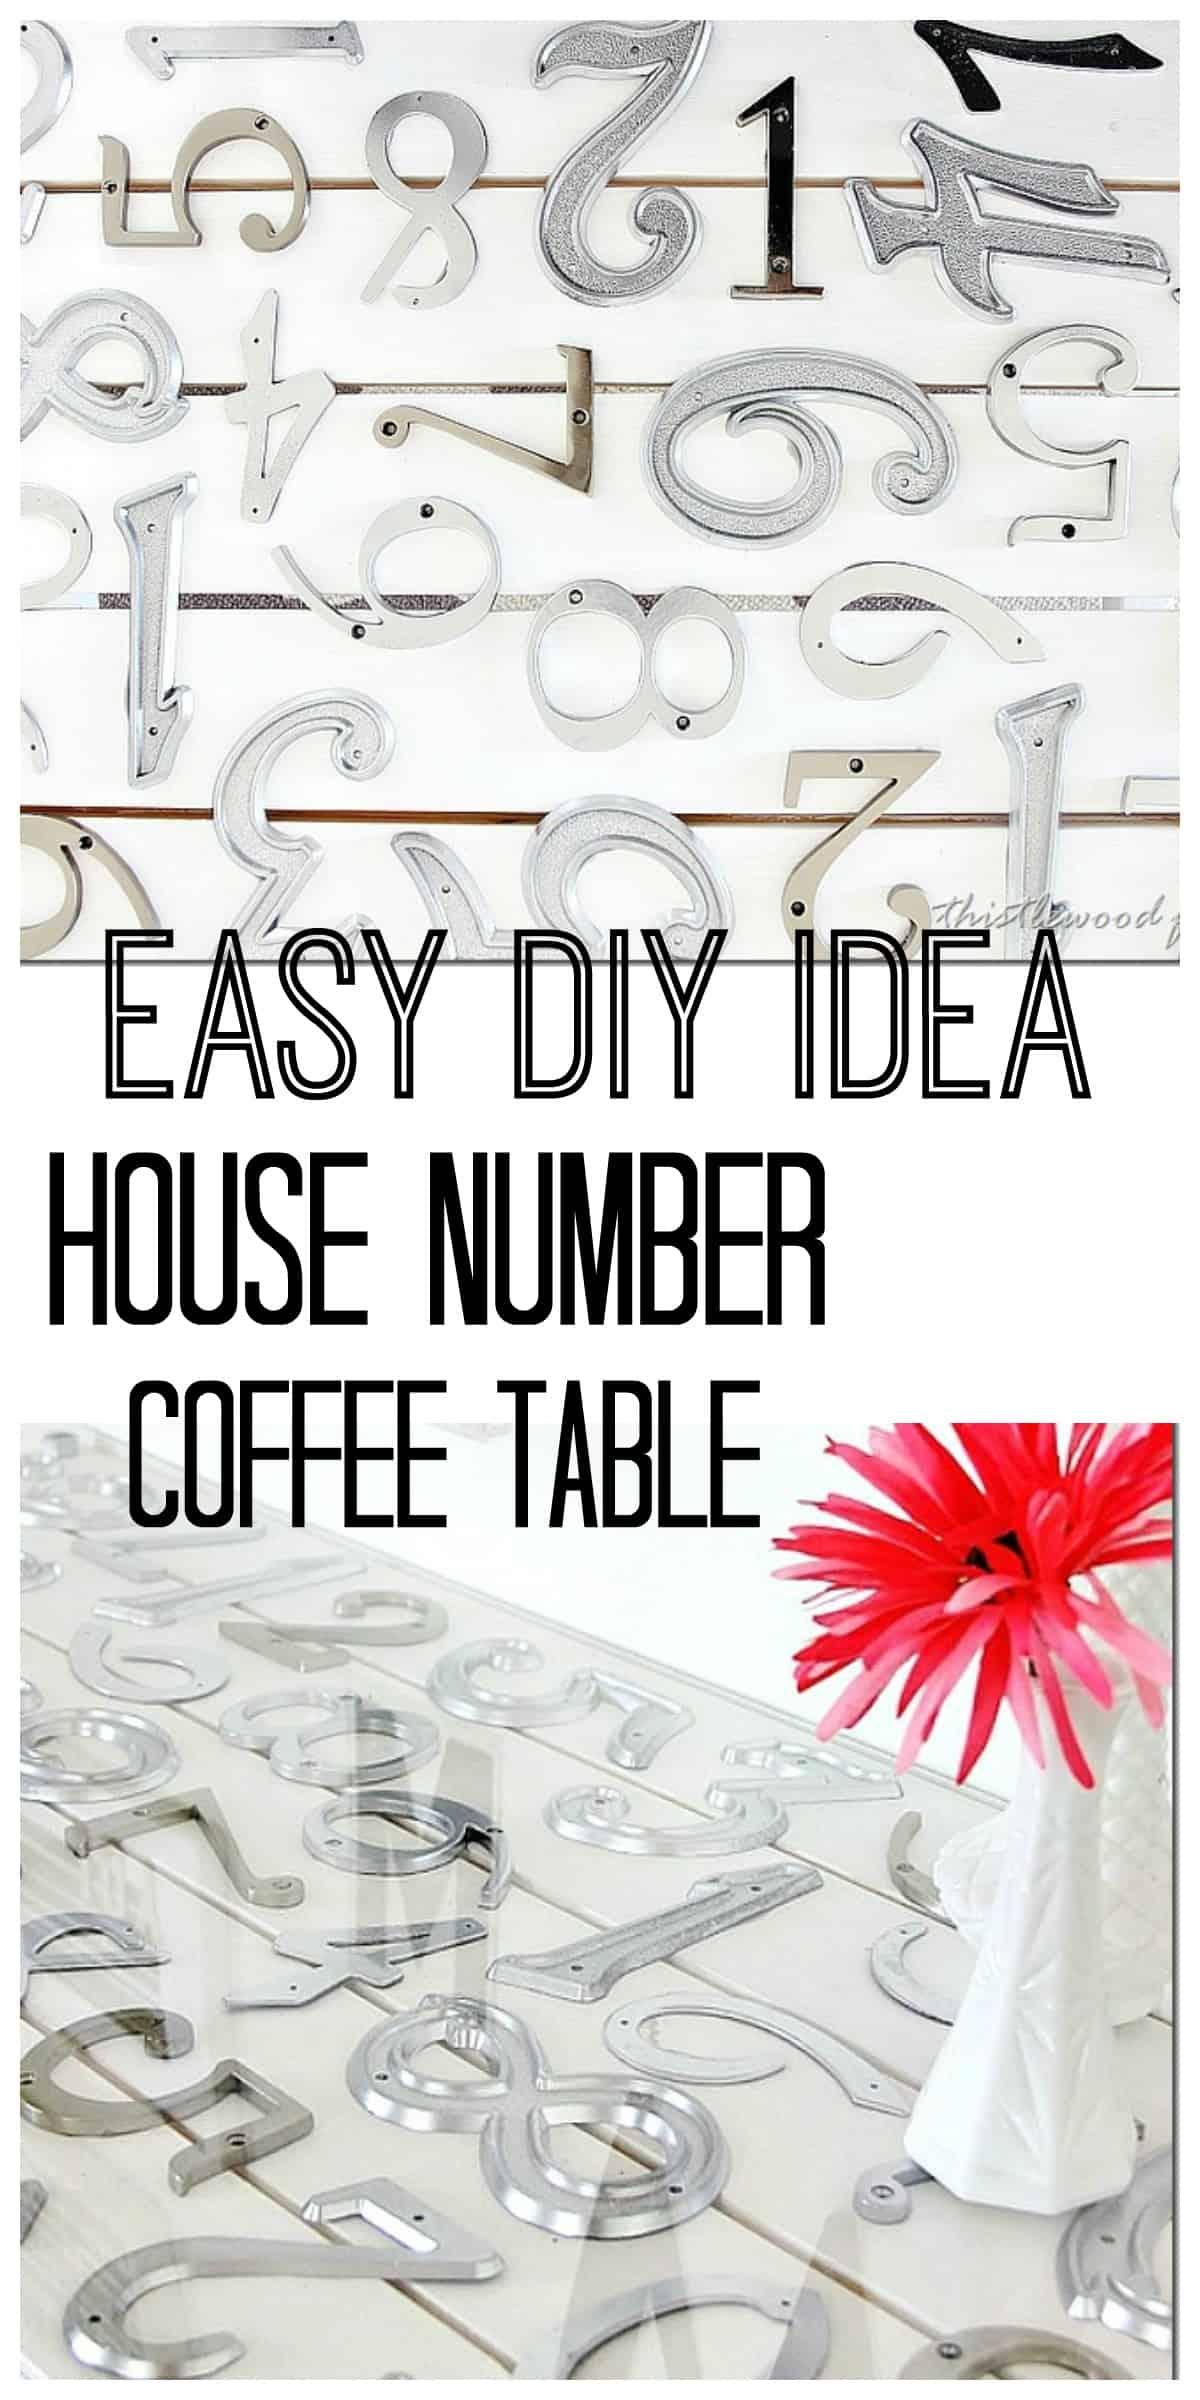 easy-diy-coffee-table-idea